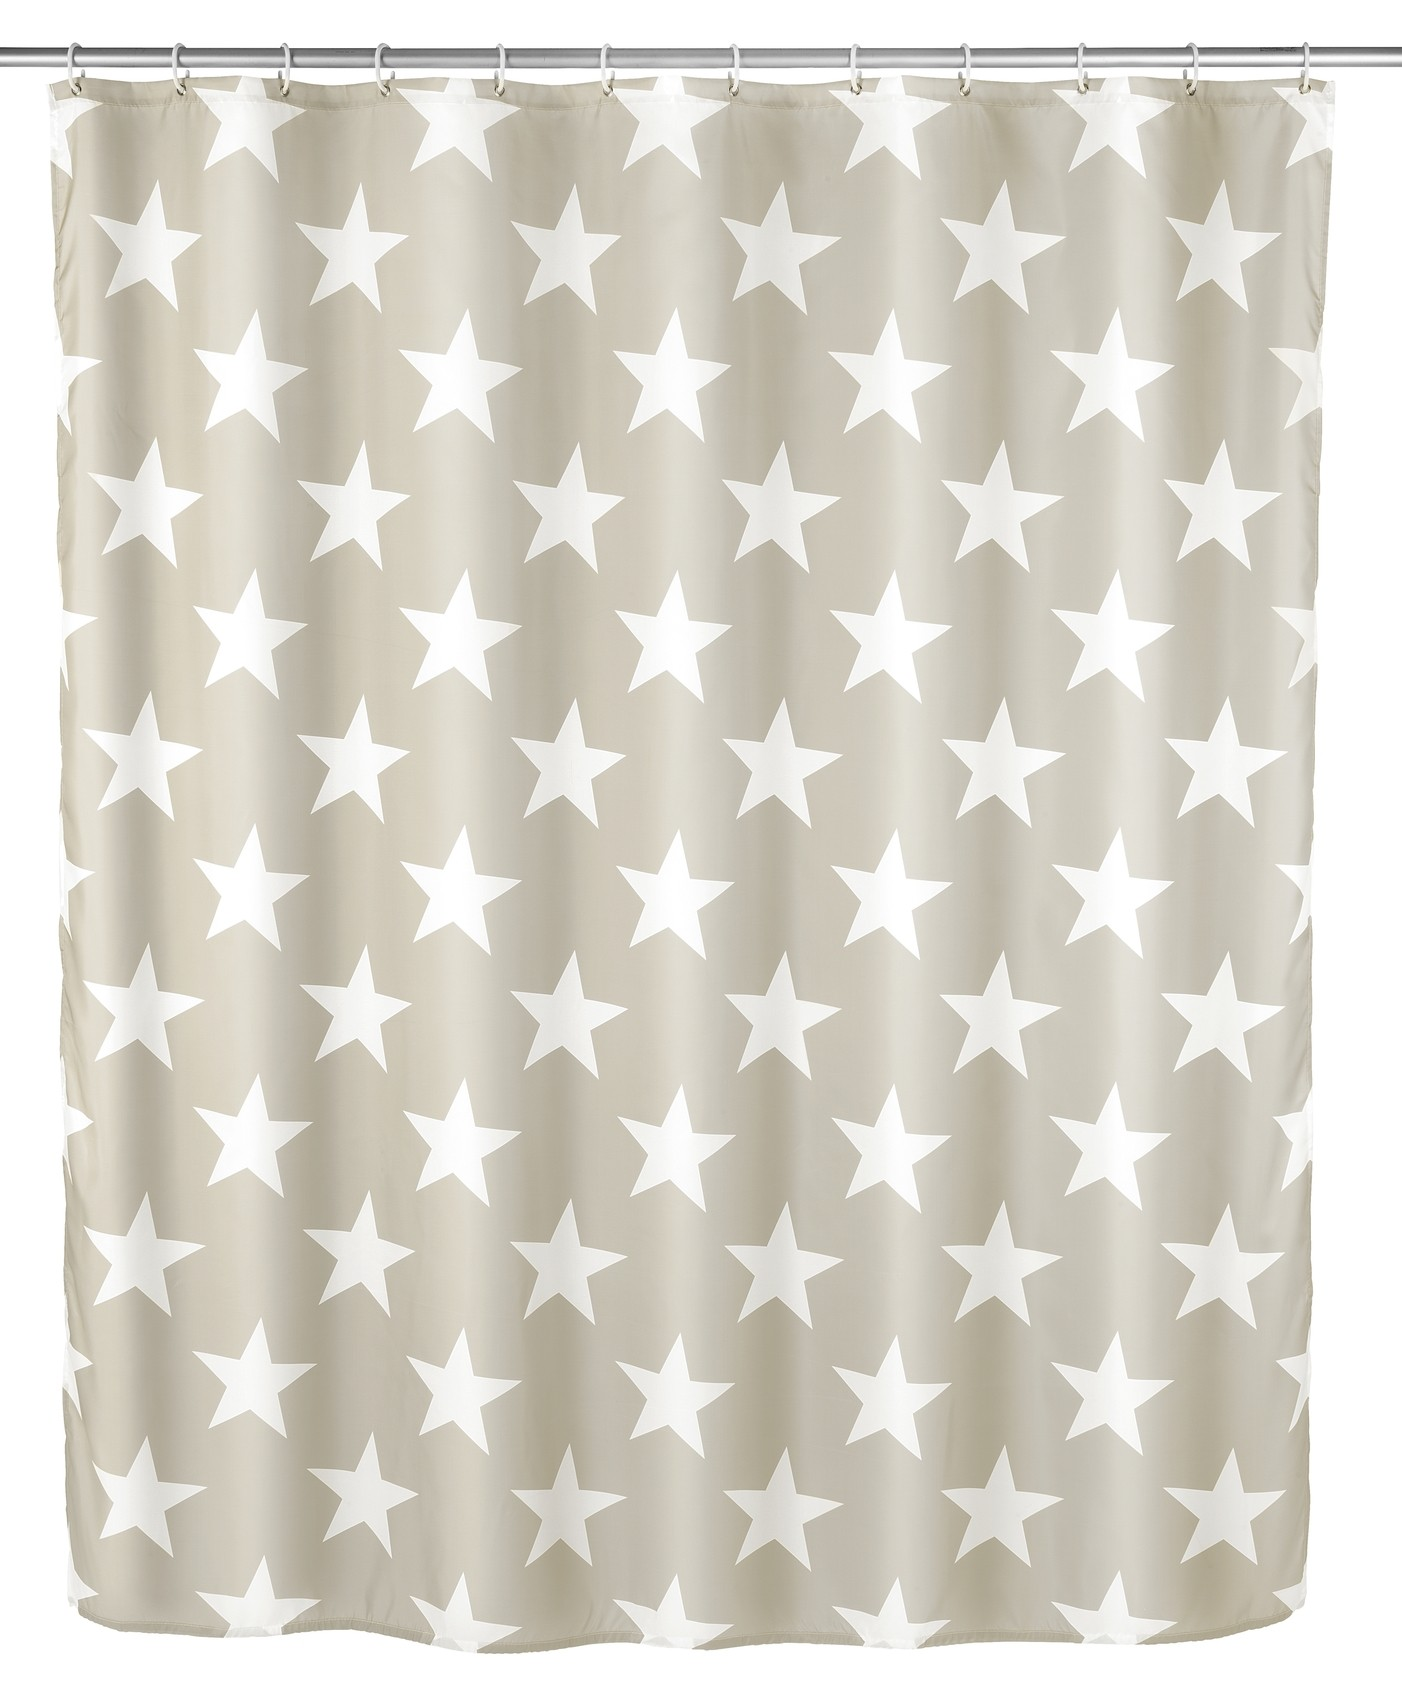 Wenko Anti-Schimmel Duschvorhang Stella Taupe, Polyester, 180 x 200 cm, waschbar